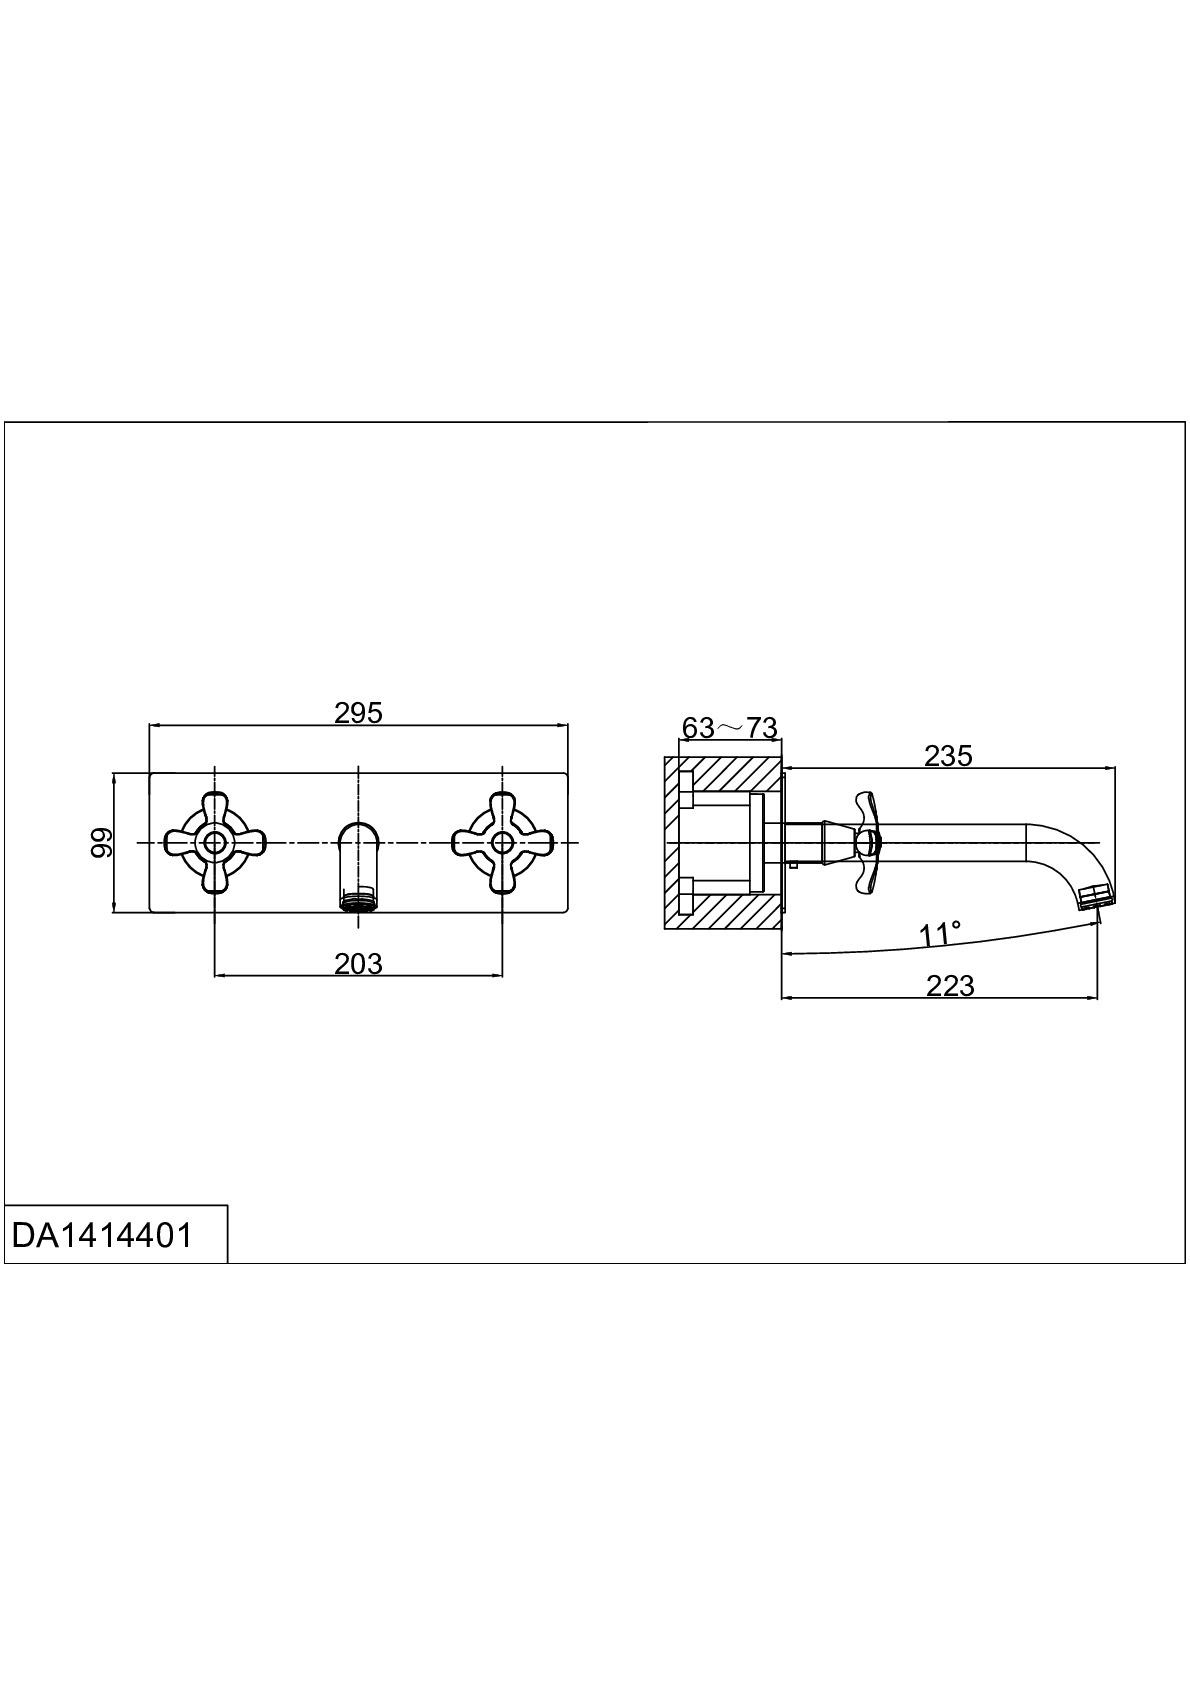 Смеситель для раковины D&K Hessen.Lorsch DA1414401 встраиваемый хром